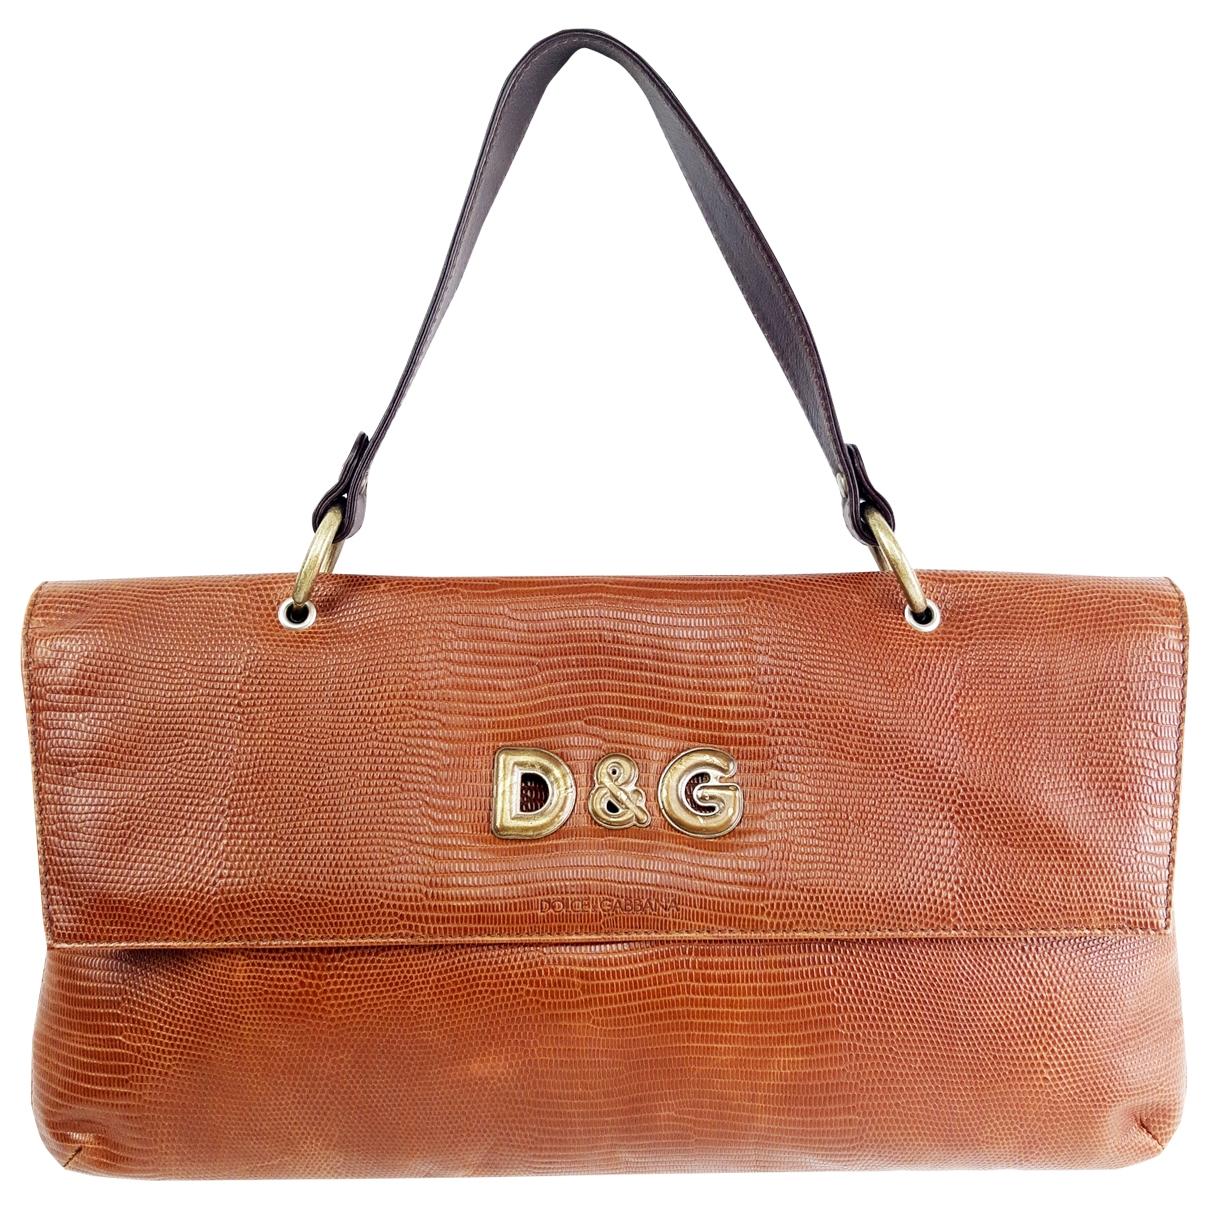 D&g \N Handtasche in  Braun Echse